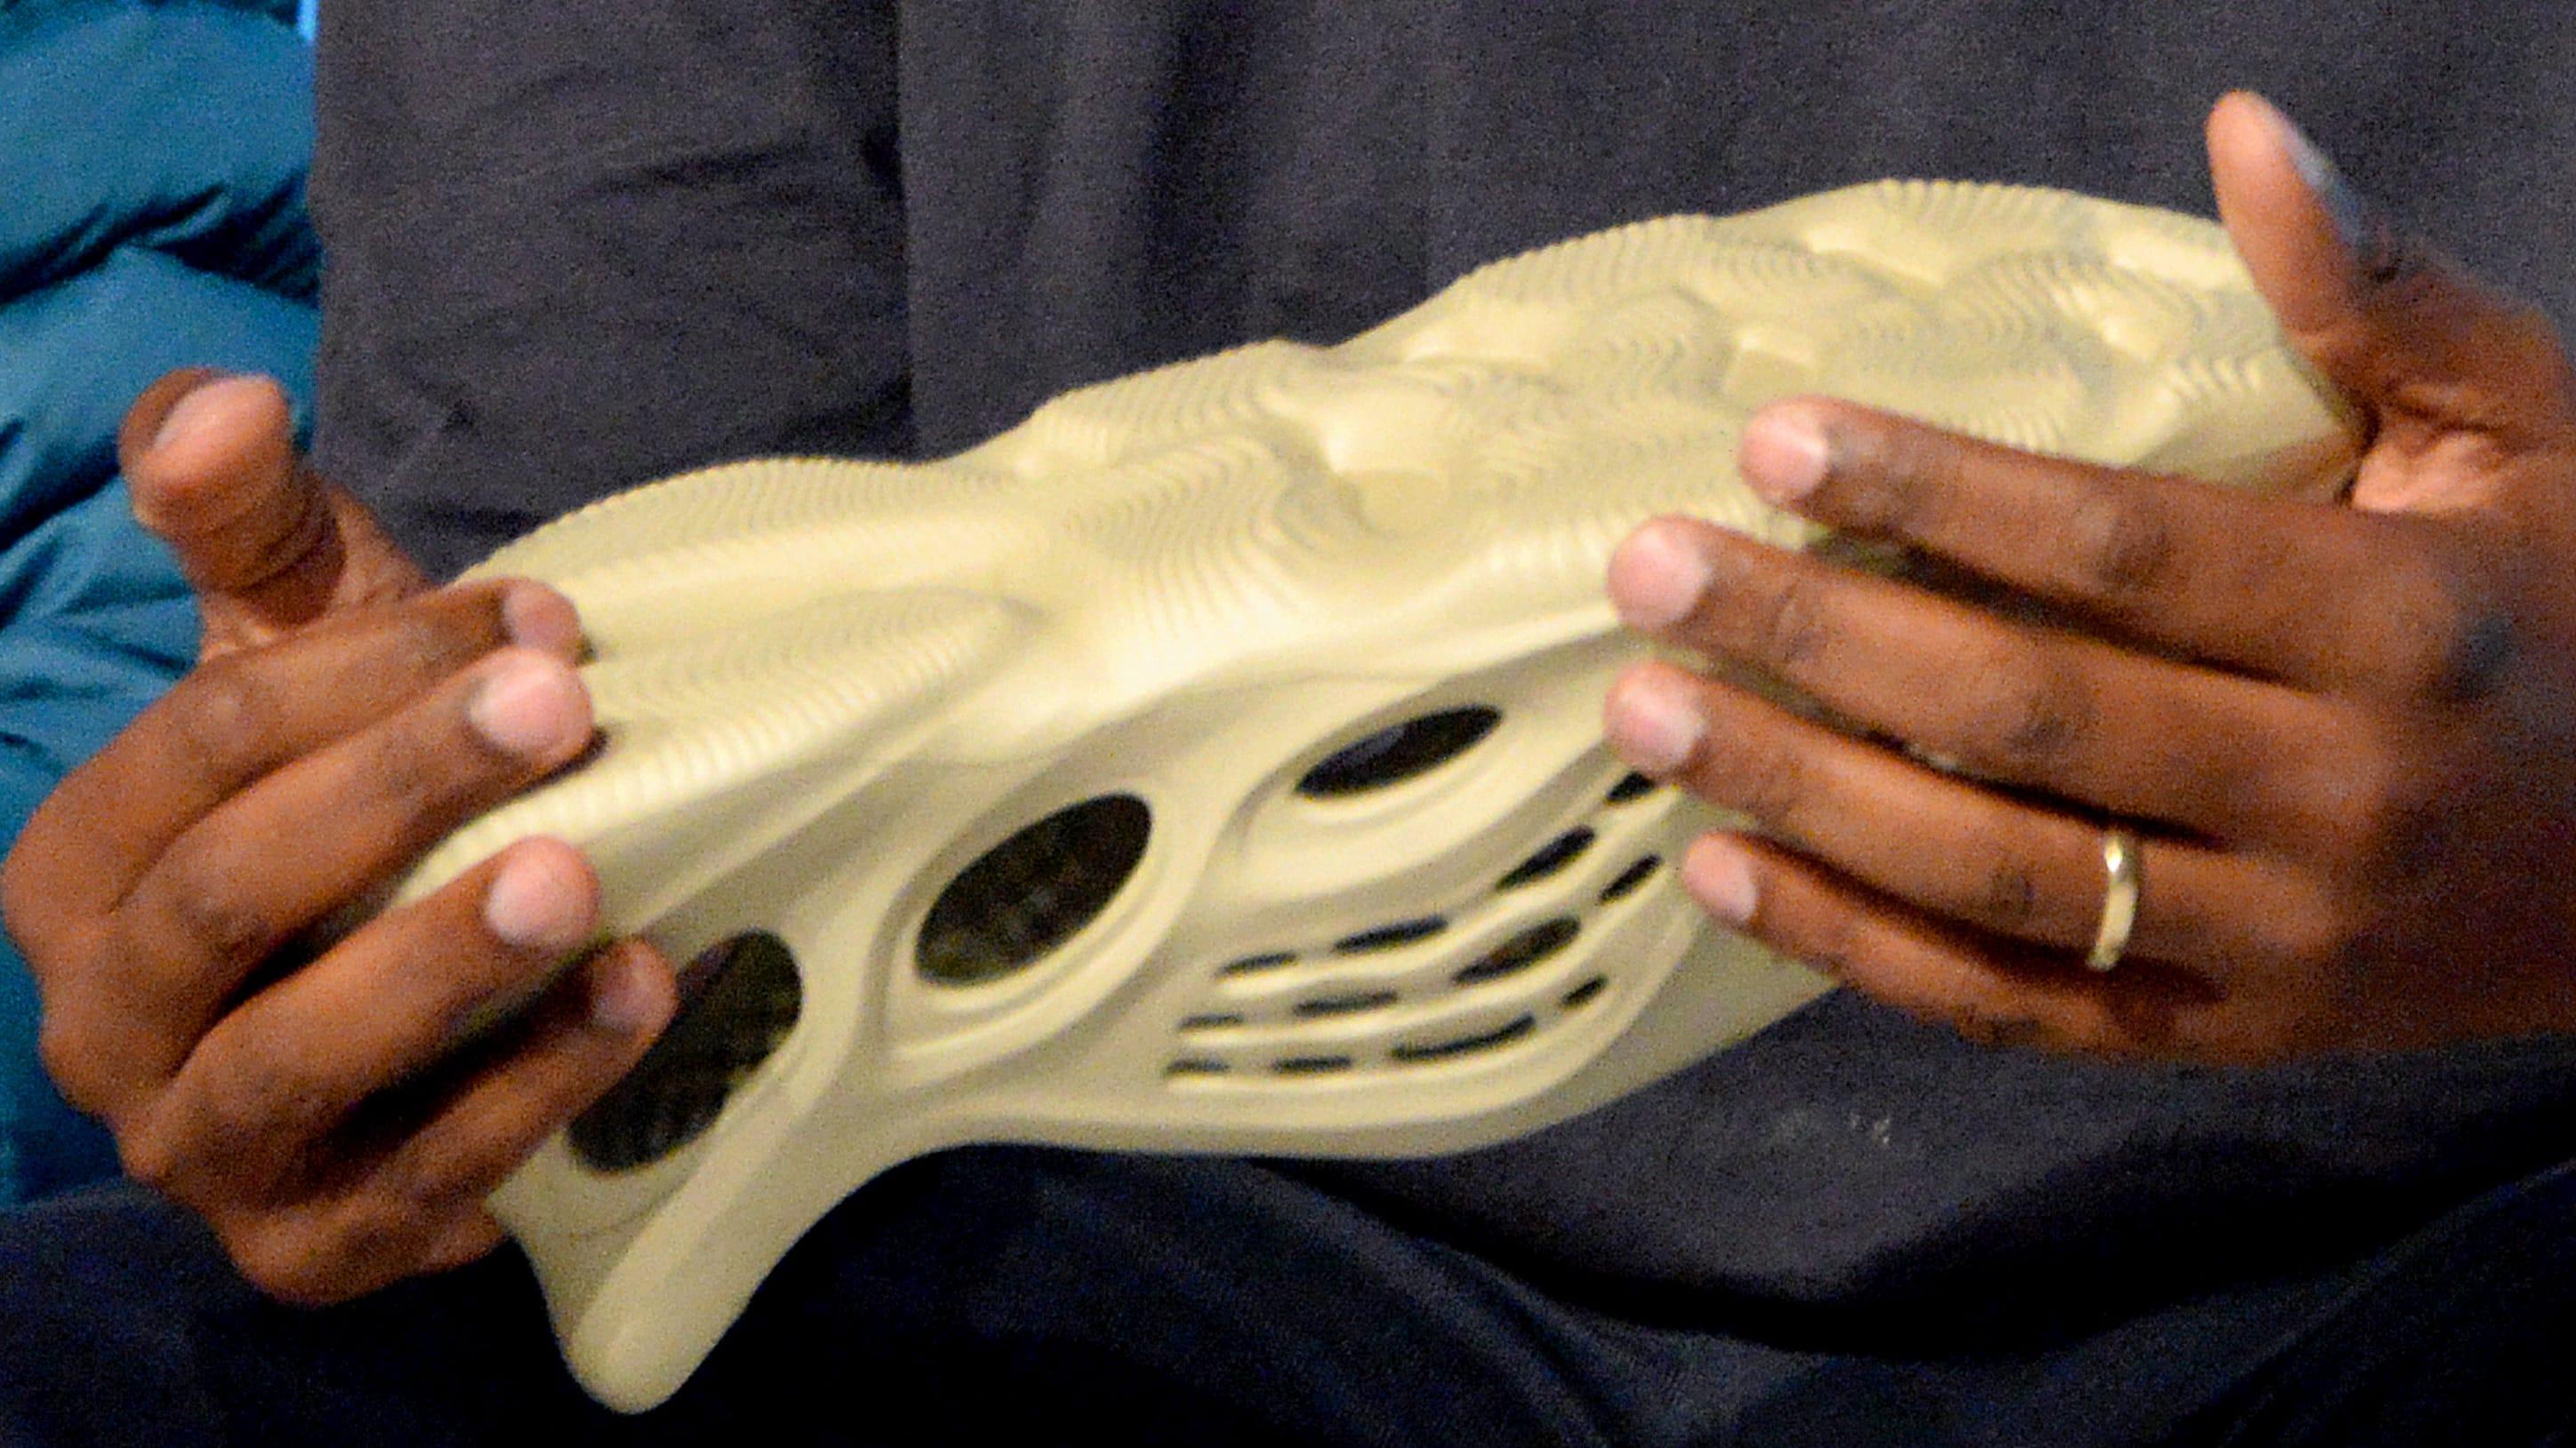 Kanye West Yeezy Foam Runner Crocs Algae Medial